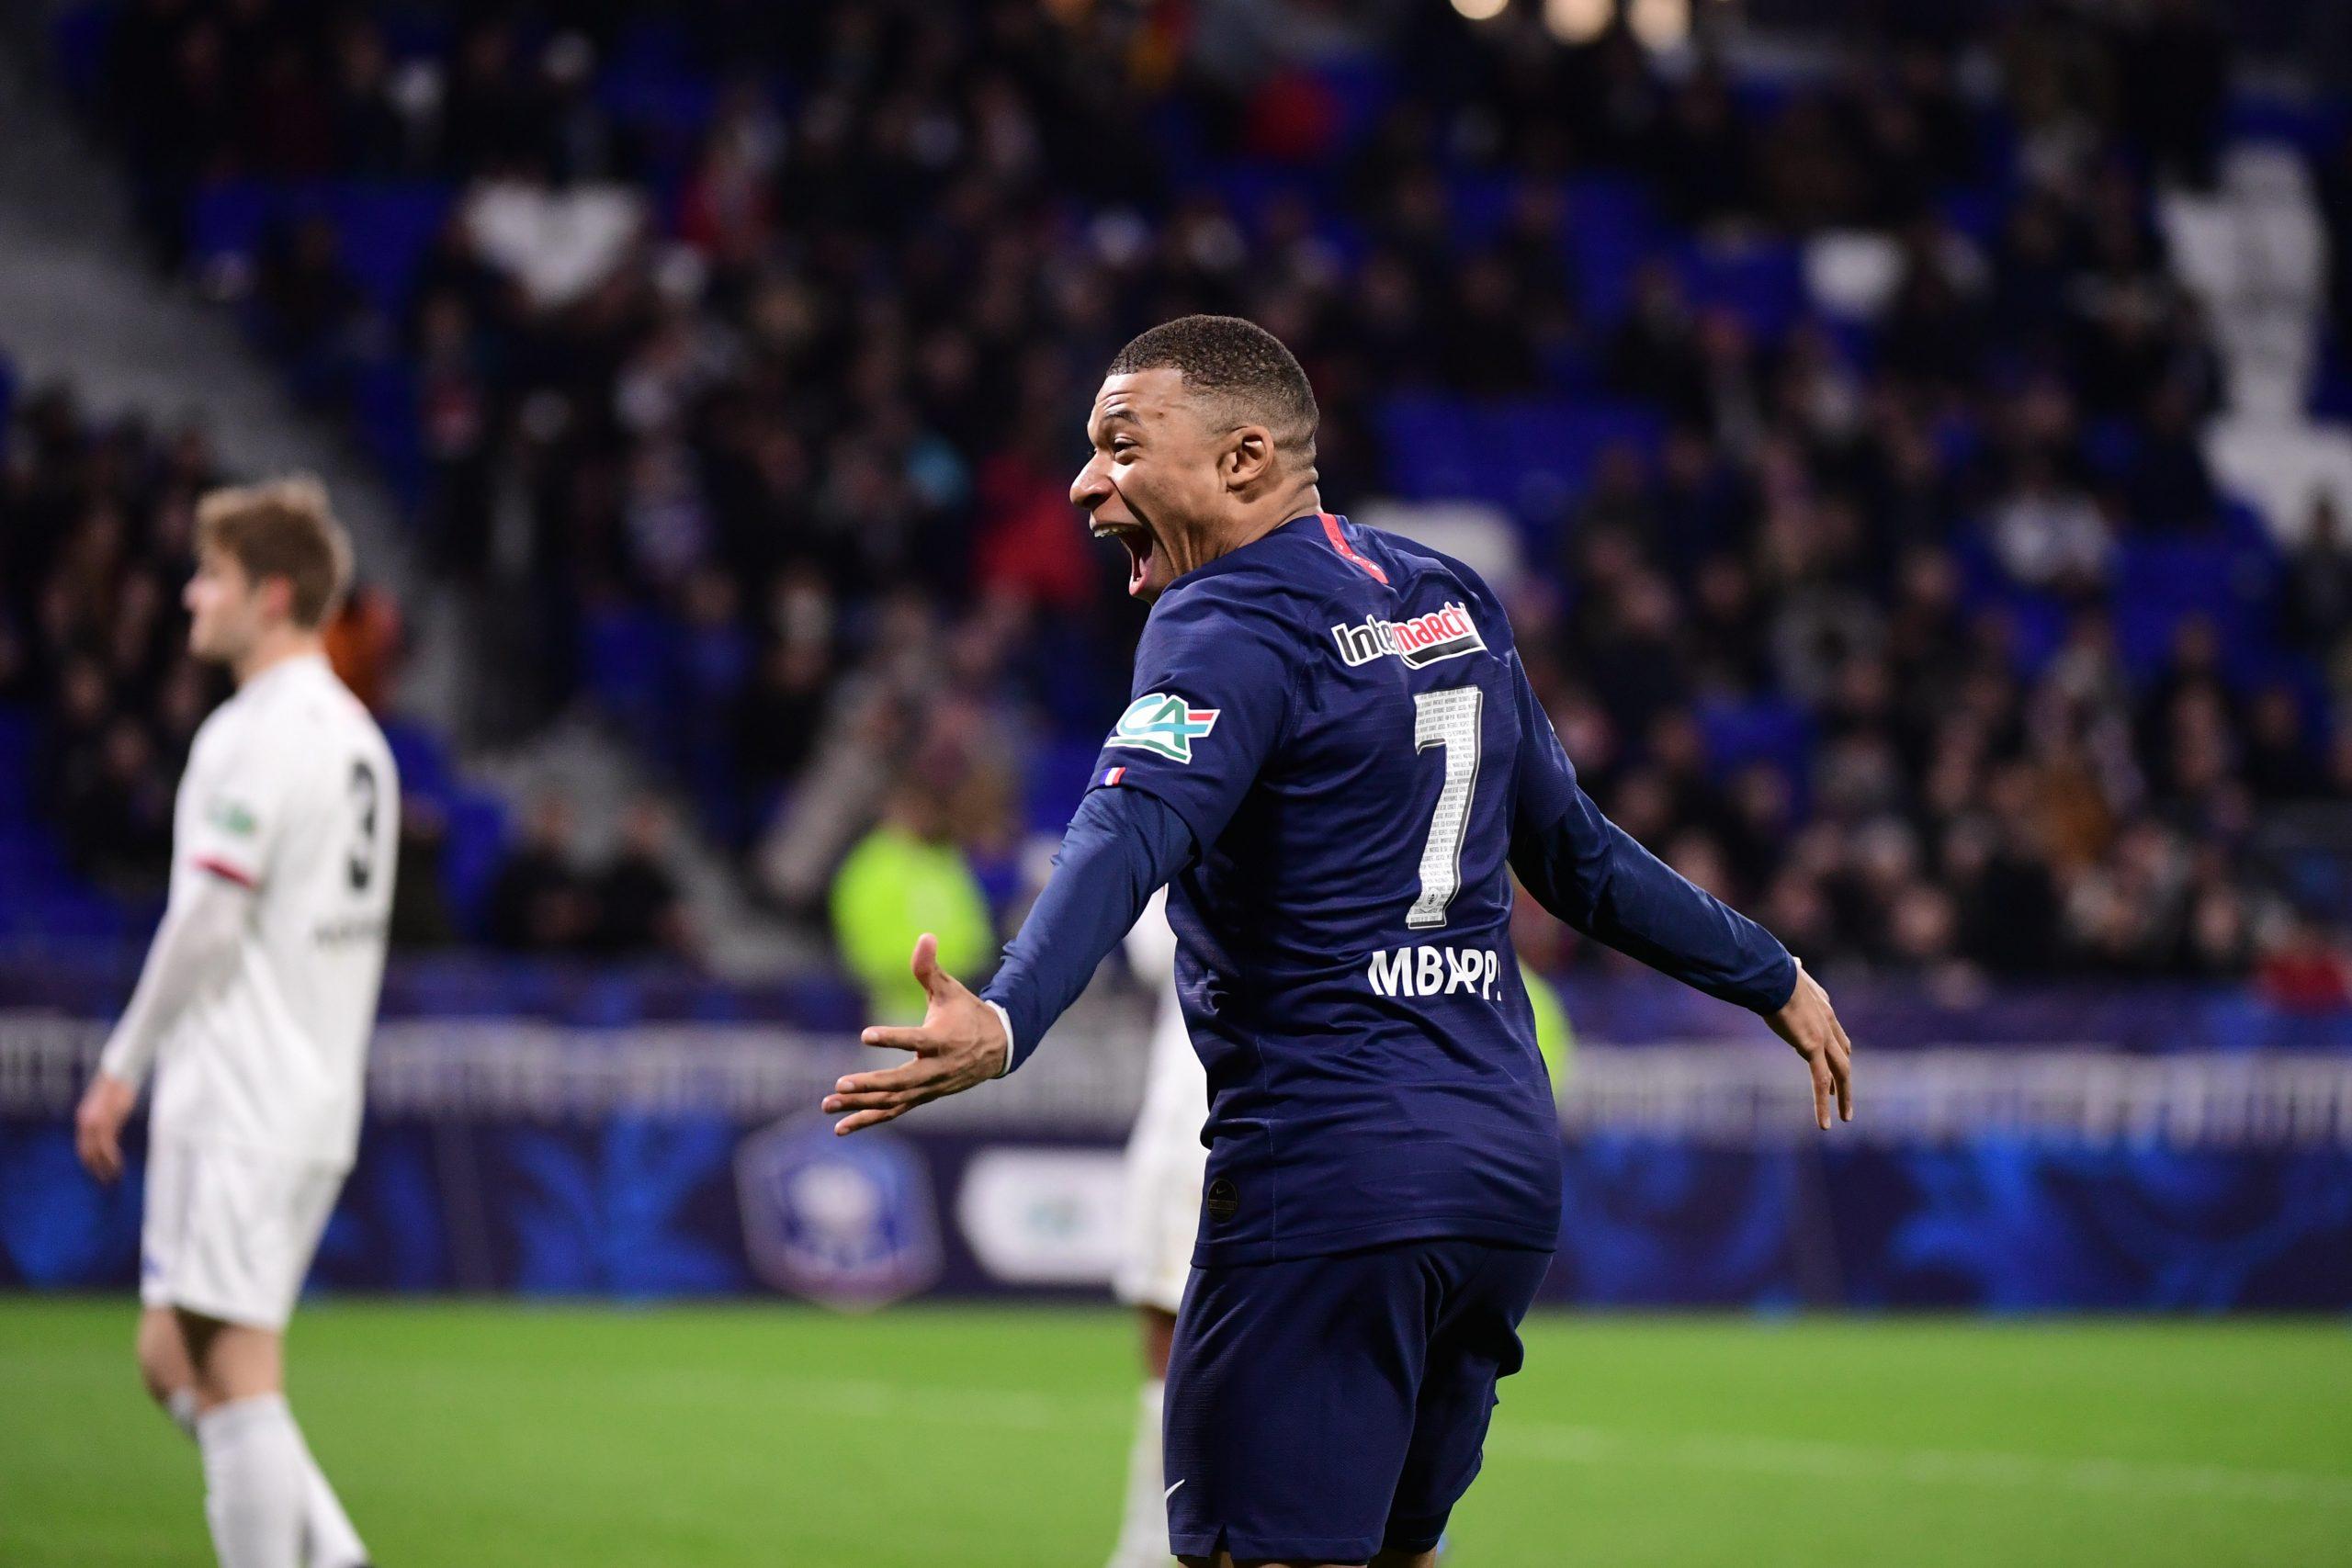 Mercato - Le PSG prêt à doubler le salaire de Kylian Mbappé, selon Schira